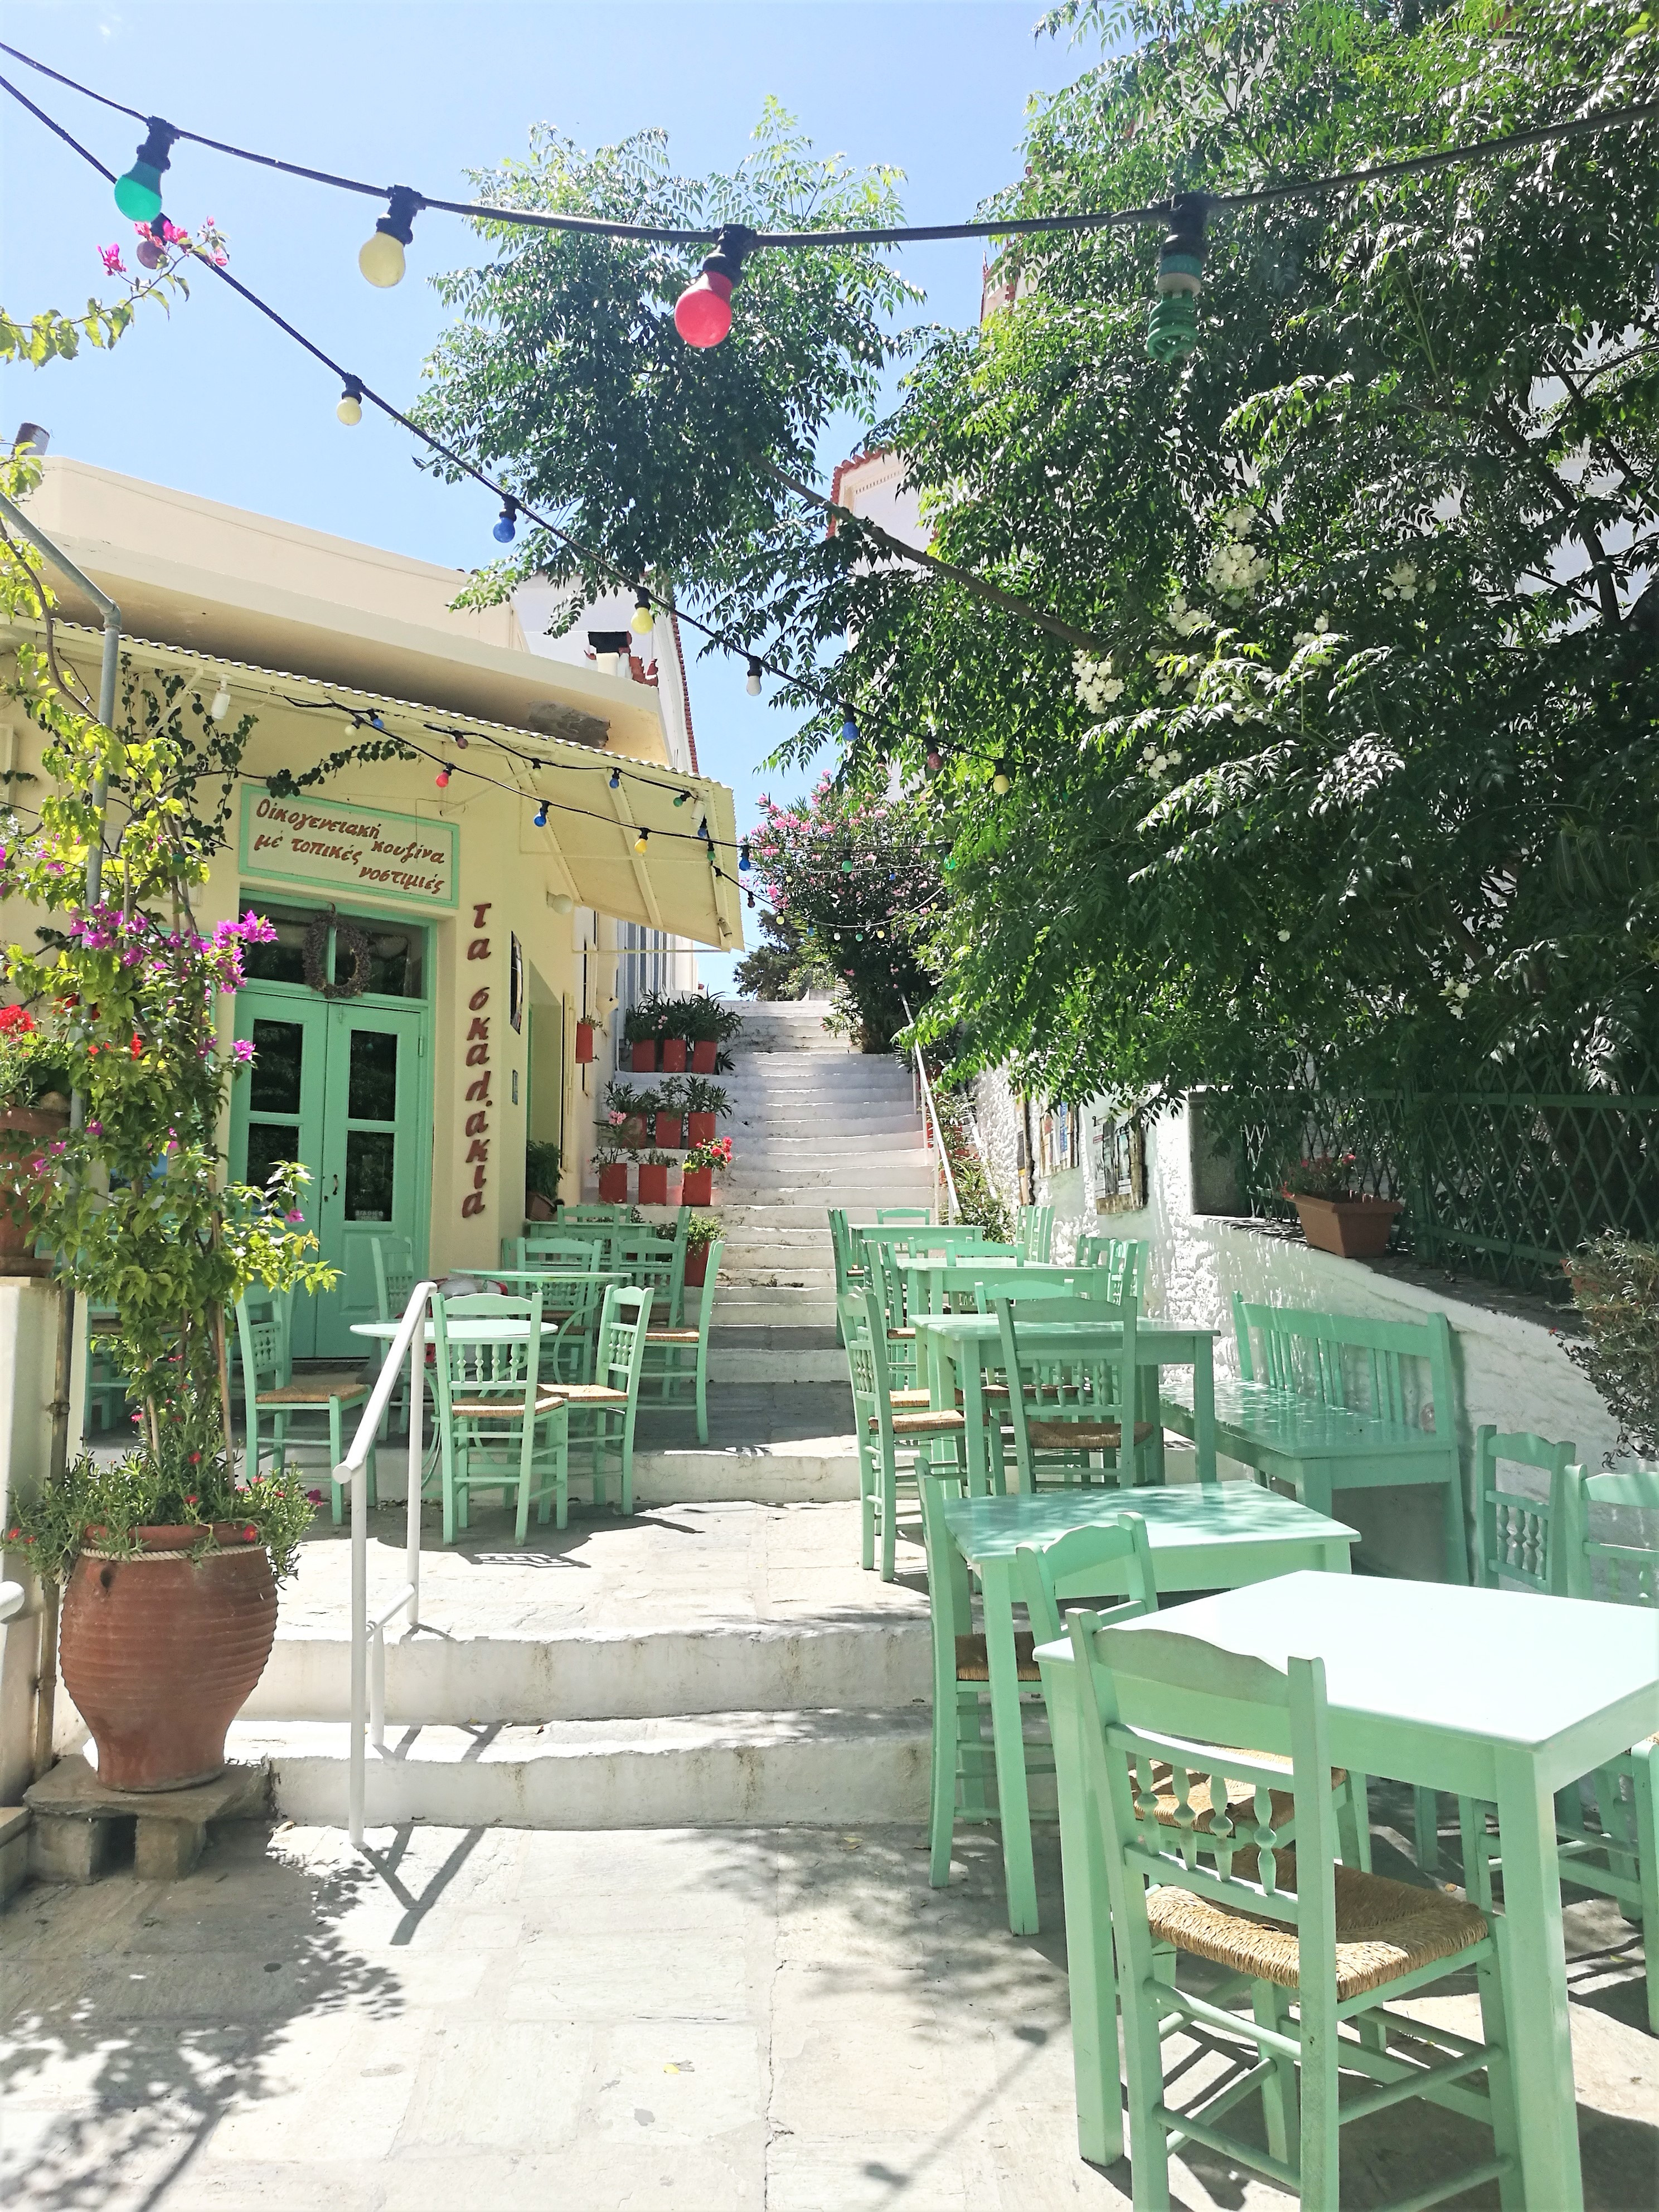 Chora-Andros-Greece